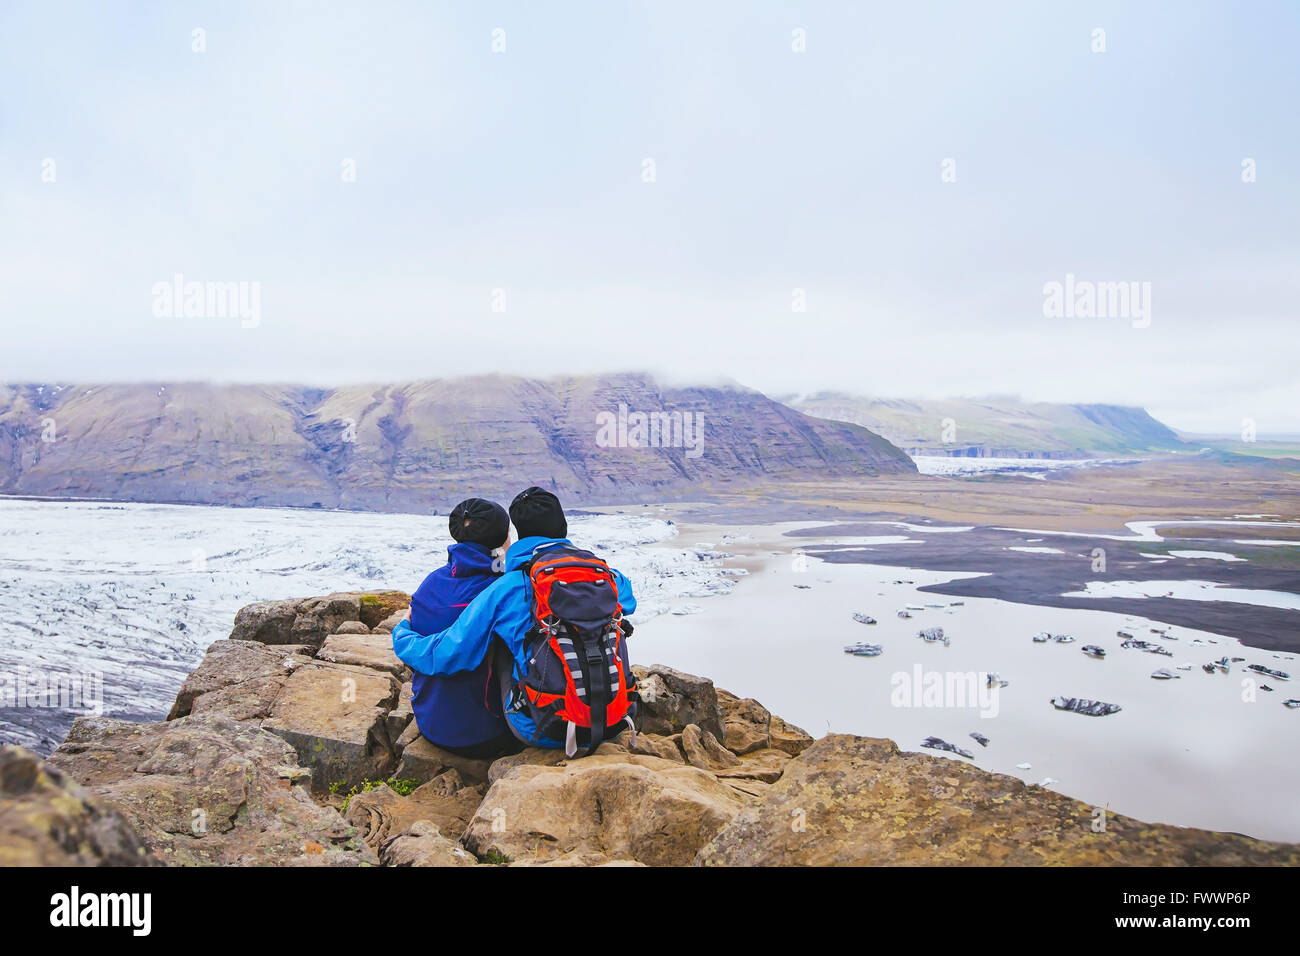 Par de excursionistas viajes en Islandia, dos mochileros disfrutando de la vista del glaciar y el paisaje de montaña Imagen De Stock